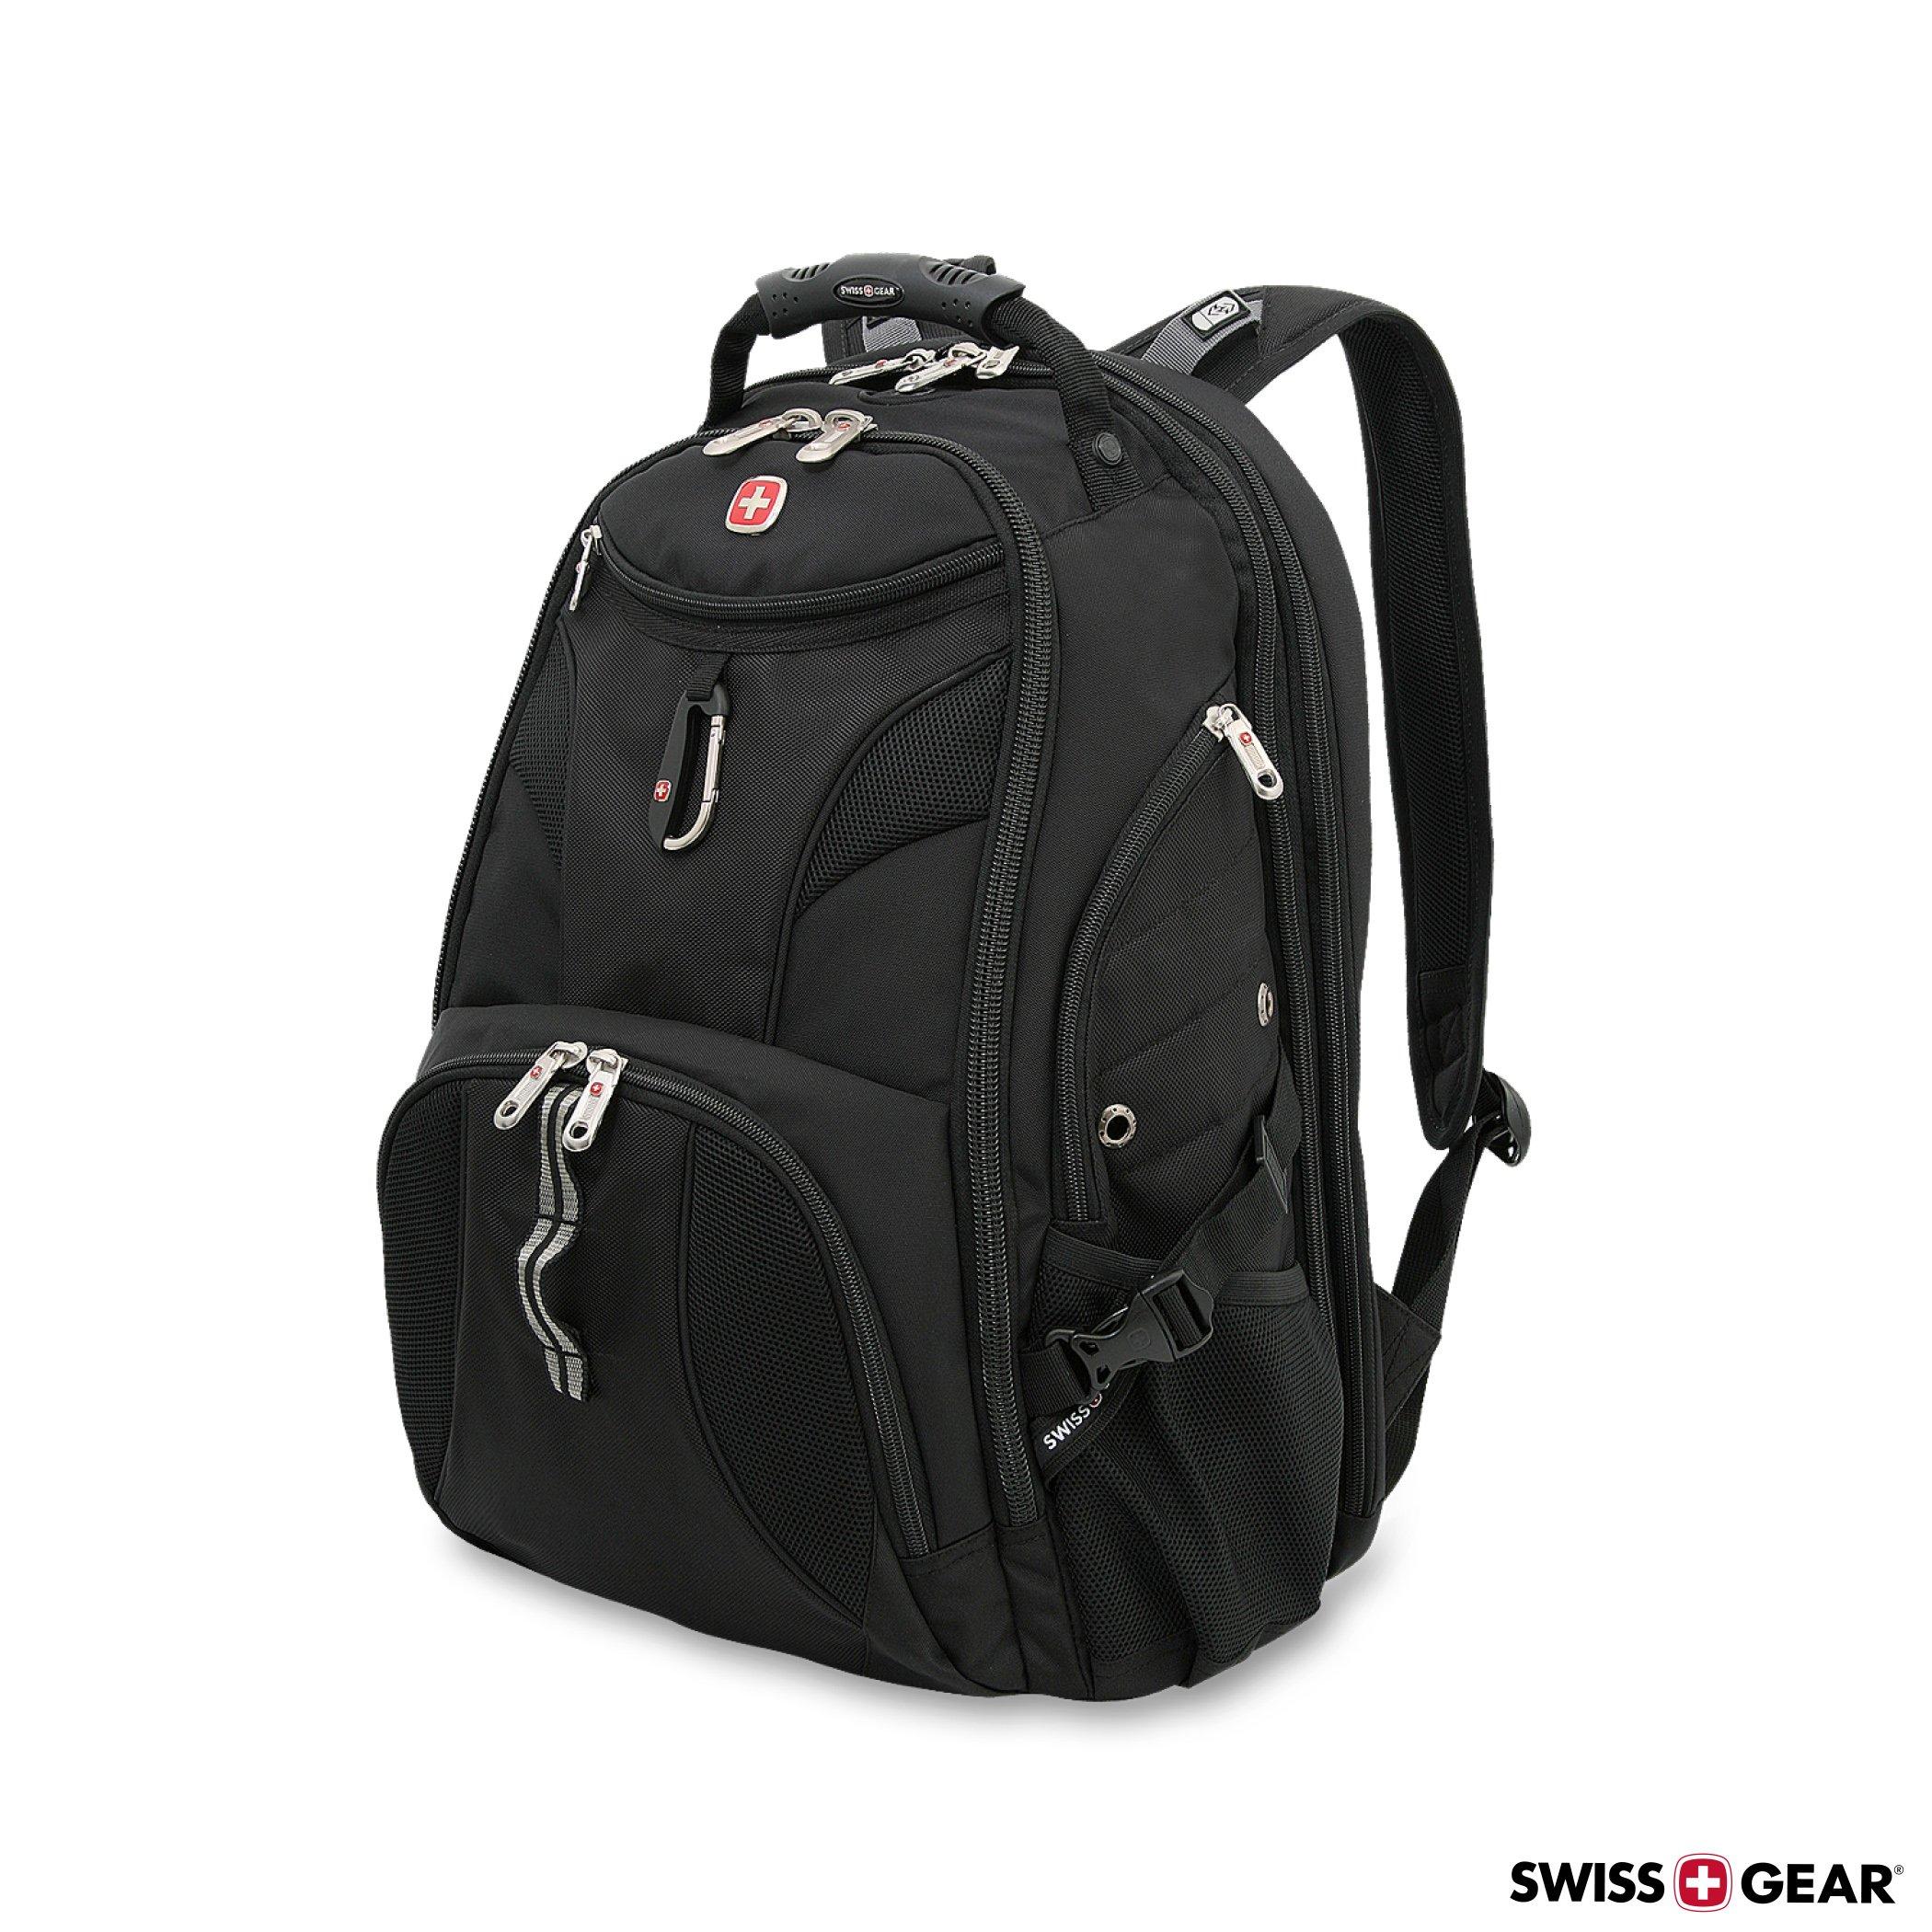 SwissGear 1900 Scansmart TSA Laptop Backpack - Black